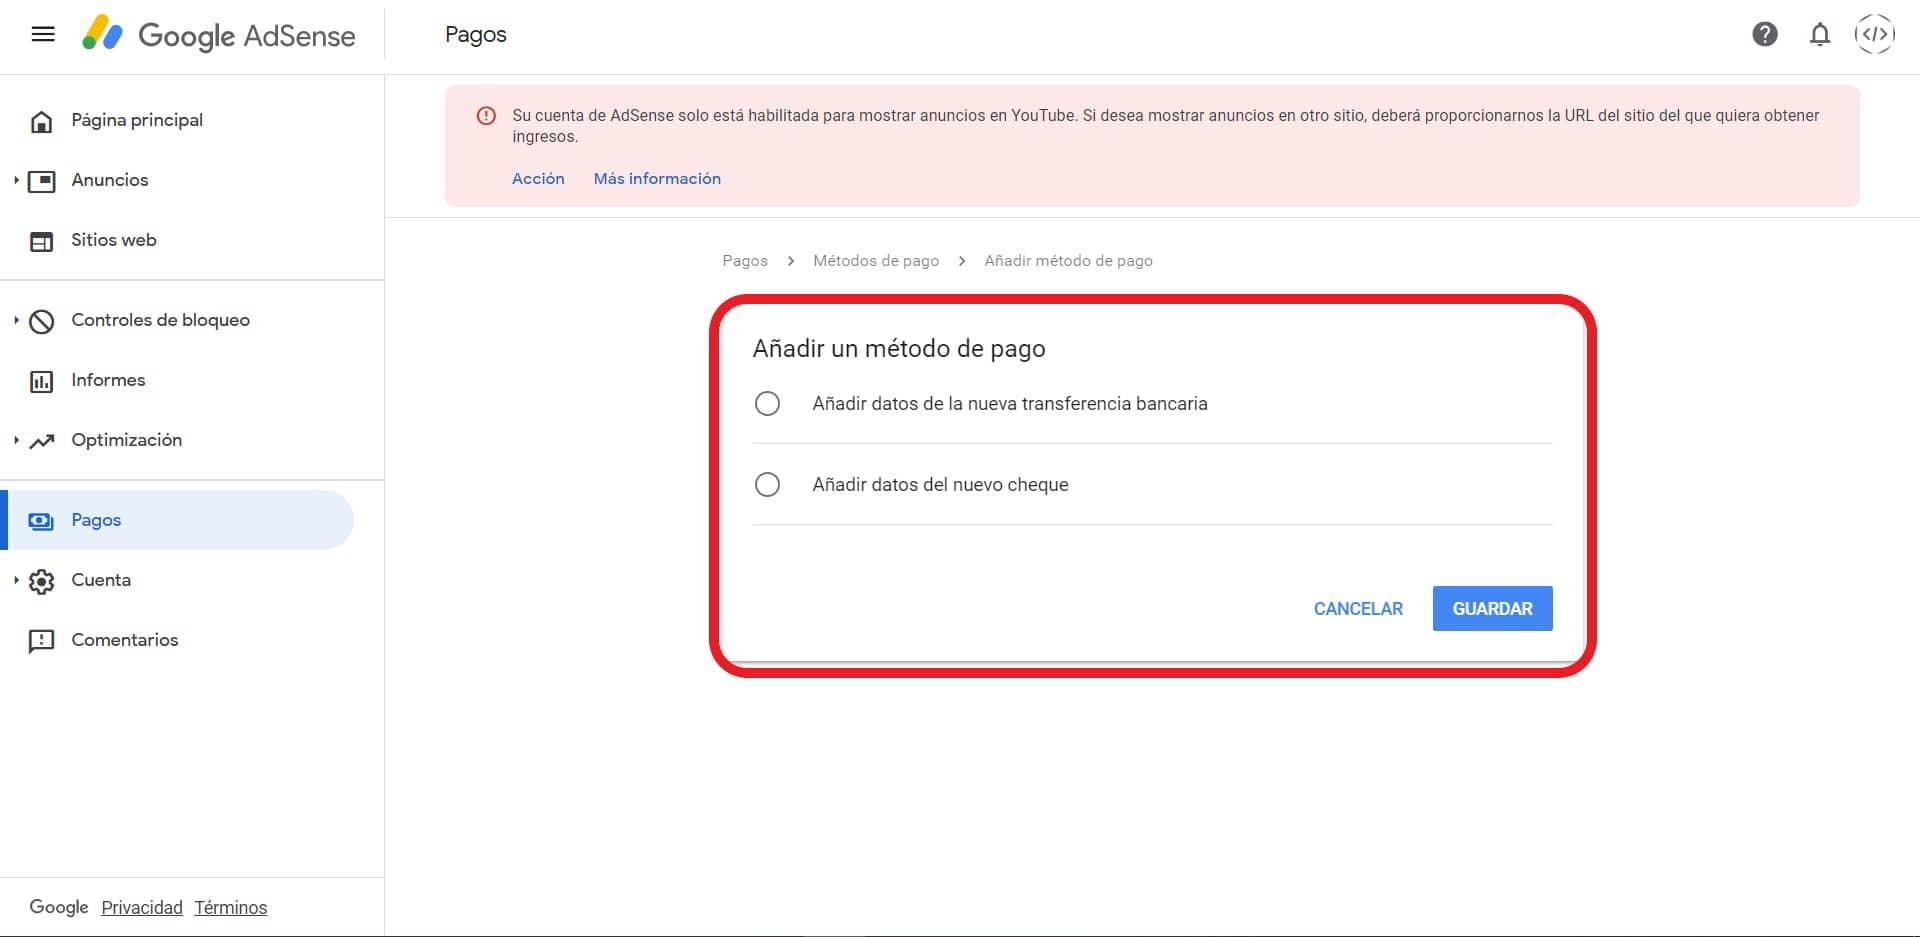 nuevos métodos de pagos de Google AdSense